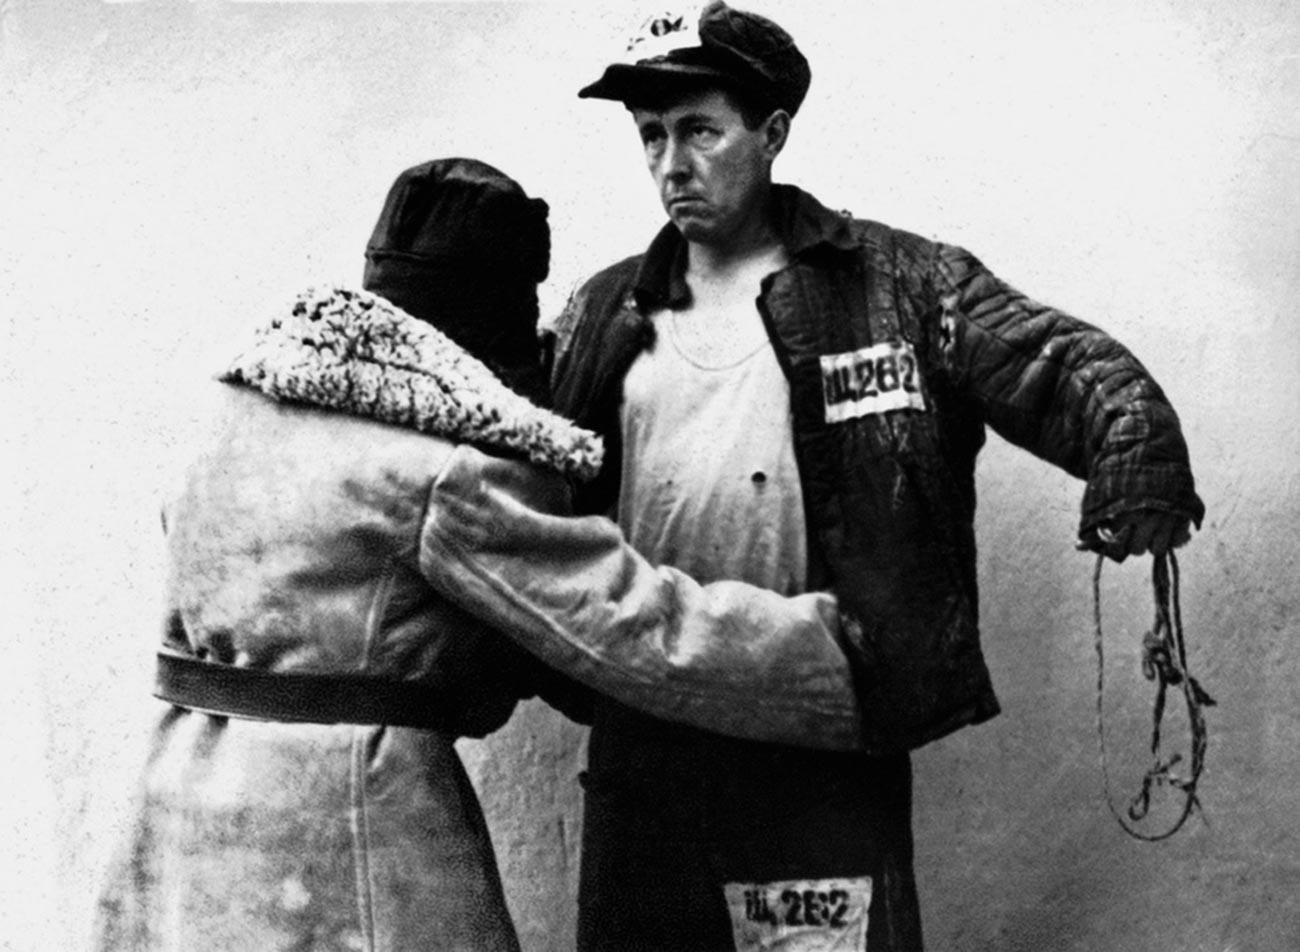 Alexander Solzhenitsyn in the Gulag